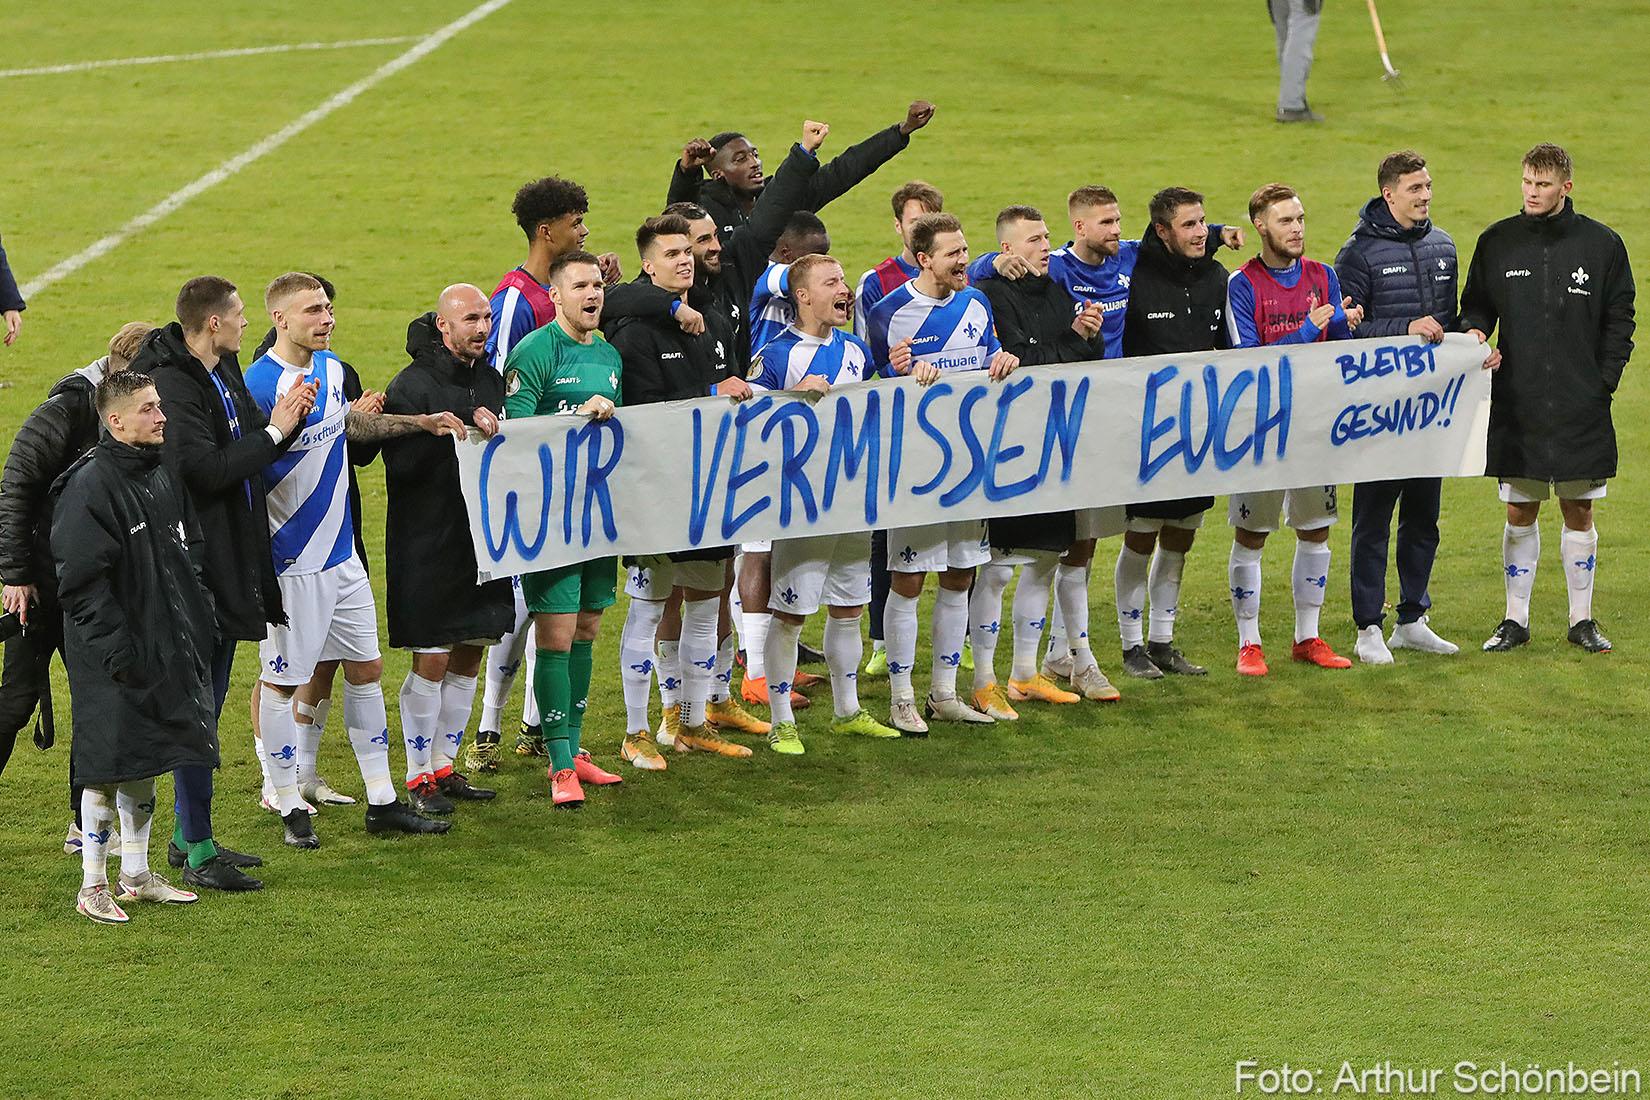 Impressionen vom Spiel gegen Dynamo Dresden